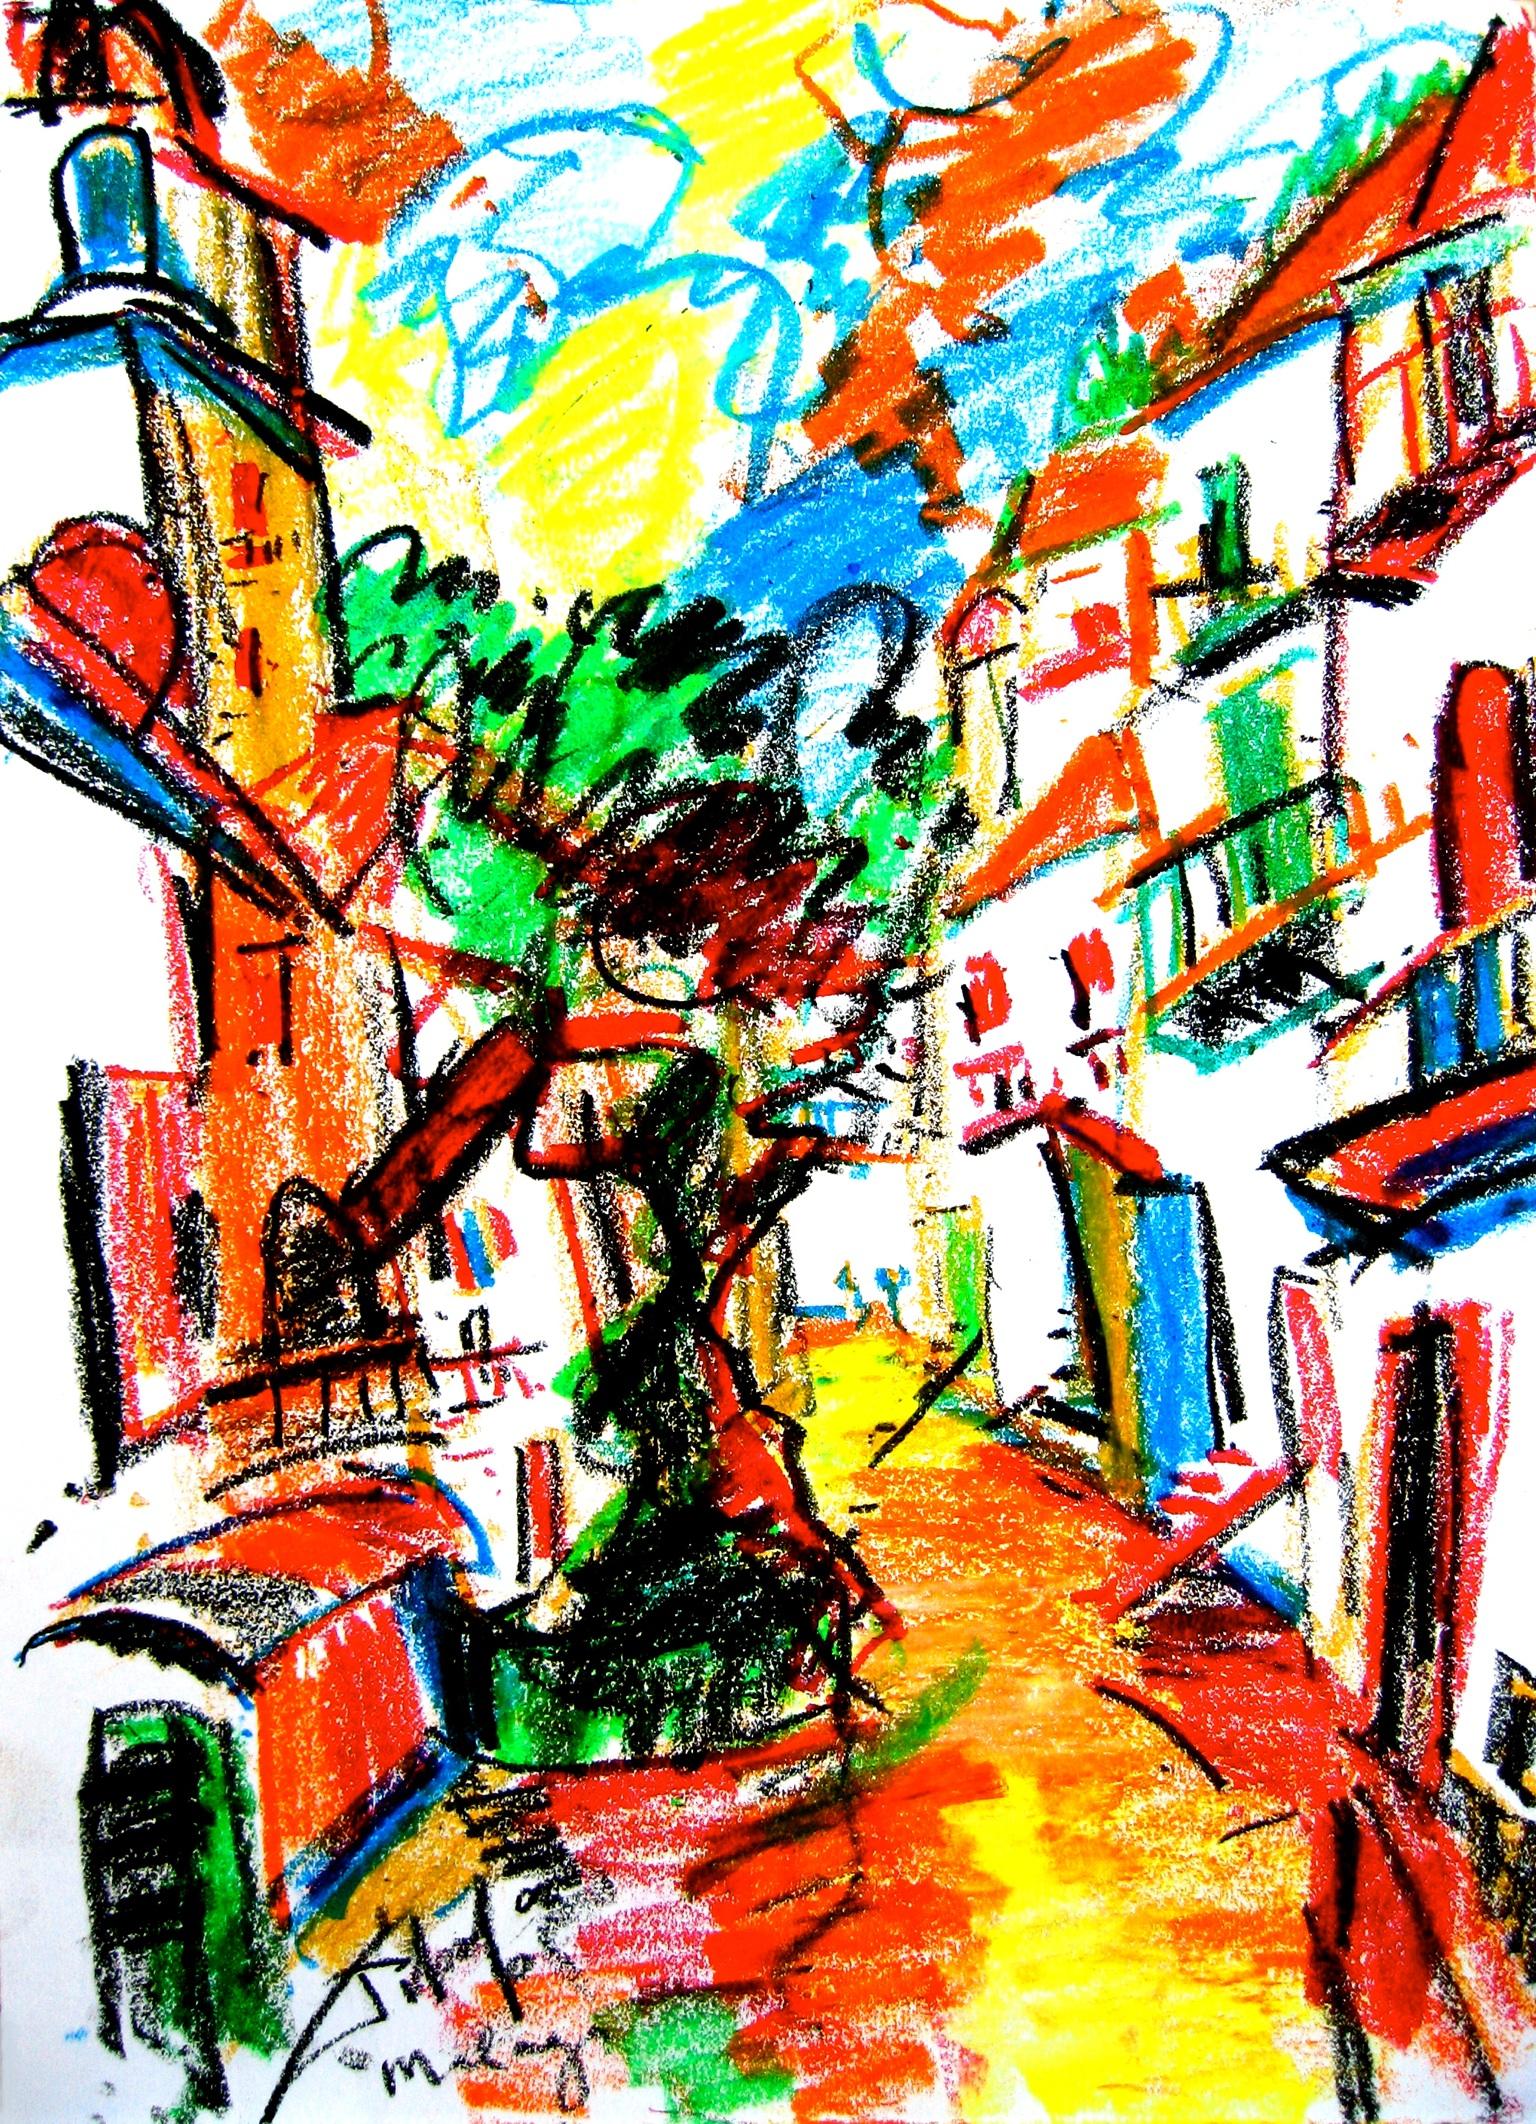 Málaga Acrylverf op linnen 60 x 80 cm